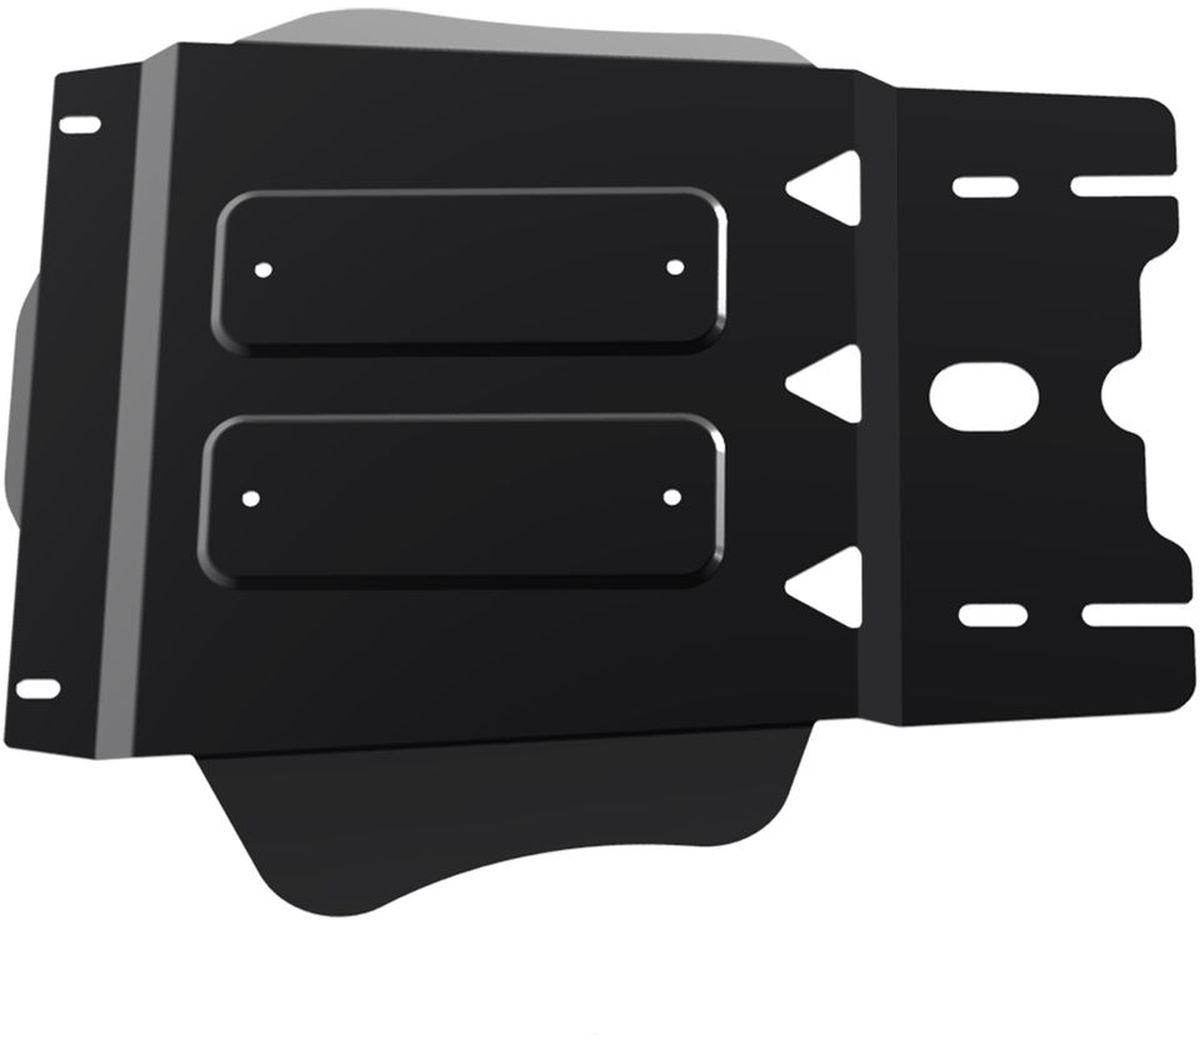 Защита КПП Автоброня, для Mitsubishi L200/Pajero Sport. 111.04024.1111.04024.1Технологически совершенный продукт за невысокую стоимость. Защита разработана с учетом особенностей днища автомобиля, что позволяет сохранить дорожный просвет с минимальным изменением. Защита устанавливается в штатные места кузова автомобиля. Глубокий штамп обеспечивает до двух раз больше жесткости в сравнении с обычной защитой той же толщины. Проштампованные ребра жесткости препятствуют деформации защиты при ударах. Тепловой зазор и вентиляционные отверстия обеспечивают сохранение температурного режима двигателя в норме. Скрытый крепеж предотвращает срыв крепежных элементов при наезде на препятствие. Шумопоглощающие резиновые элементы обеспечивают комфортную езду без вибраций и скрежета металла, а съемные лючки для слива масла и замены фильтра - экономию средств и время. Конструкция изделия не влияет на пассивную безопасность автомобиля (при ударе защита не воздействует на деформационные зоны кузова). Со штатным крепежом. В комплекте инструкция по...